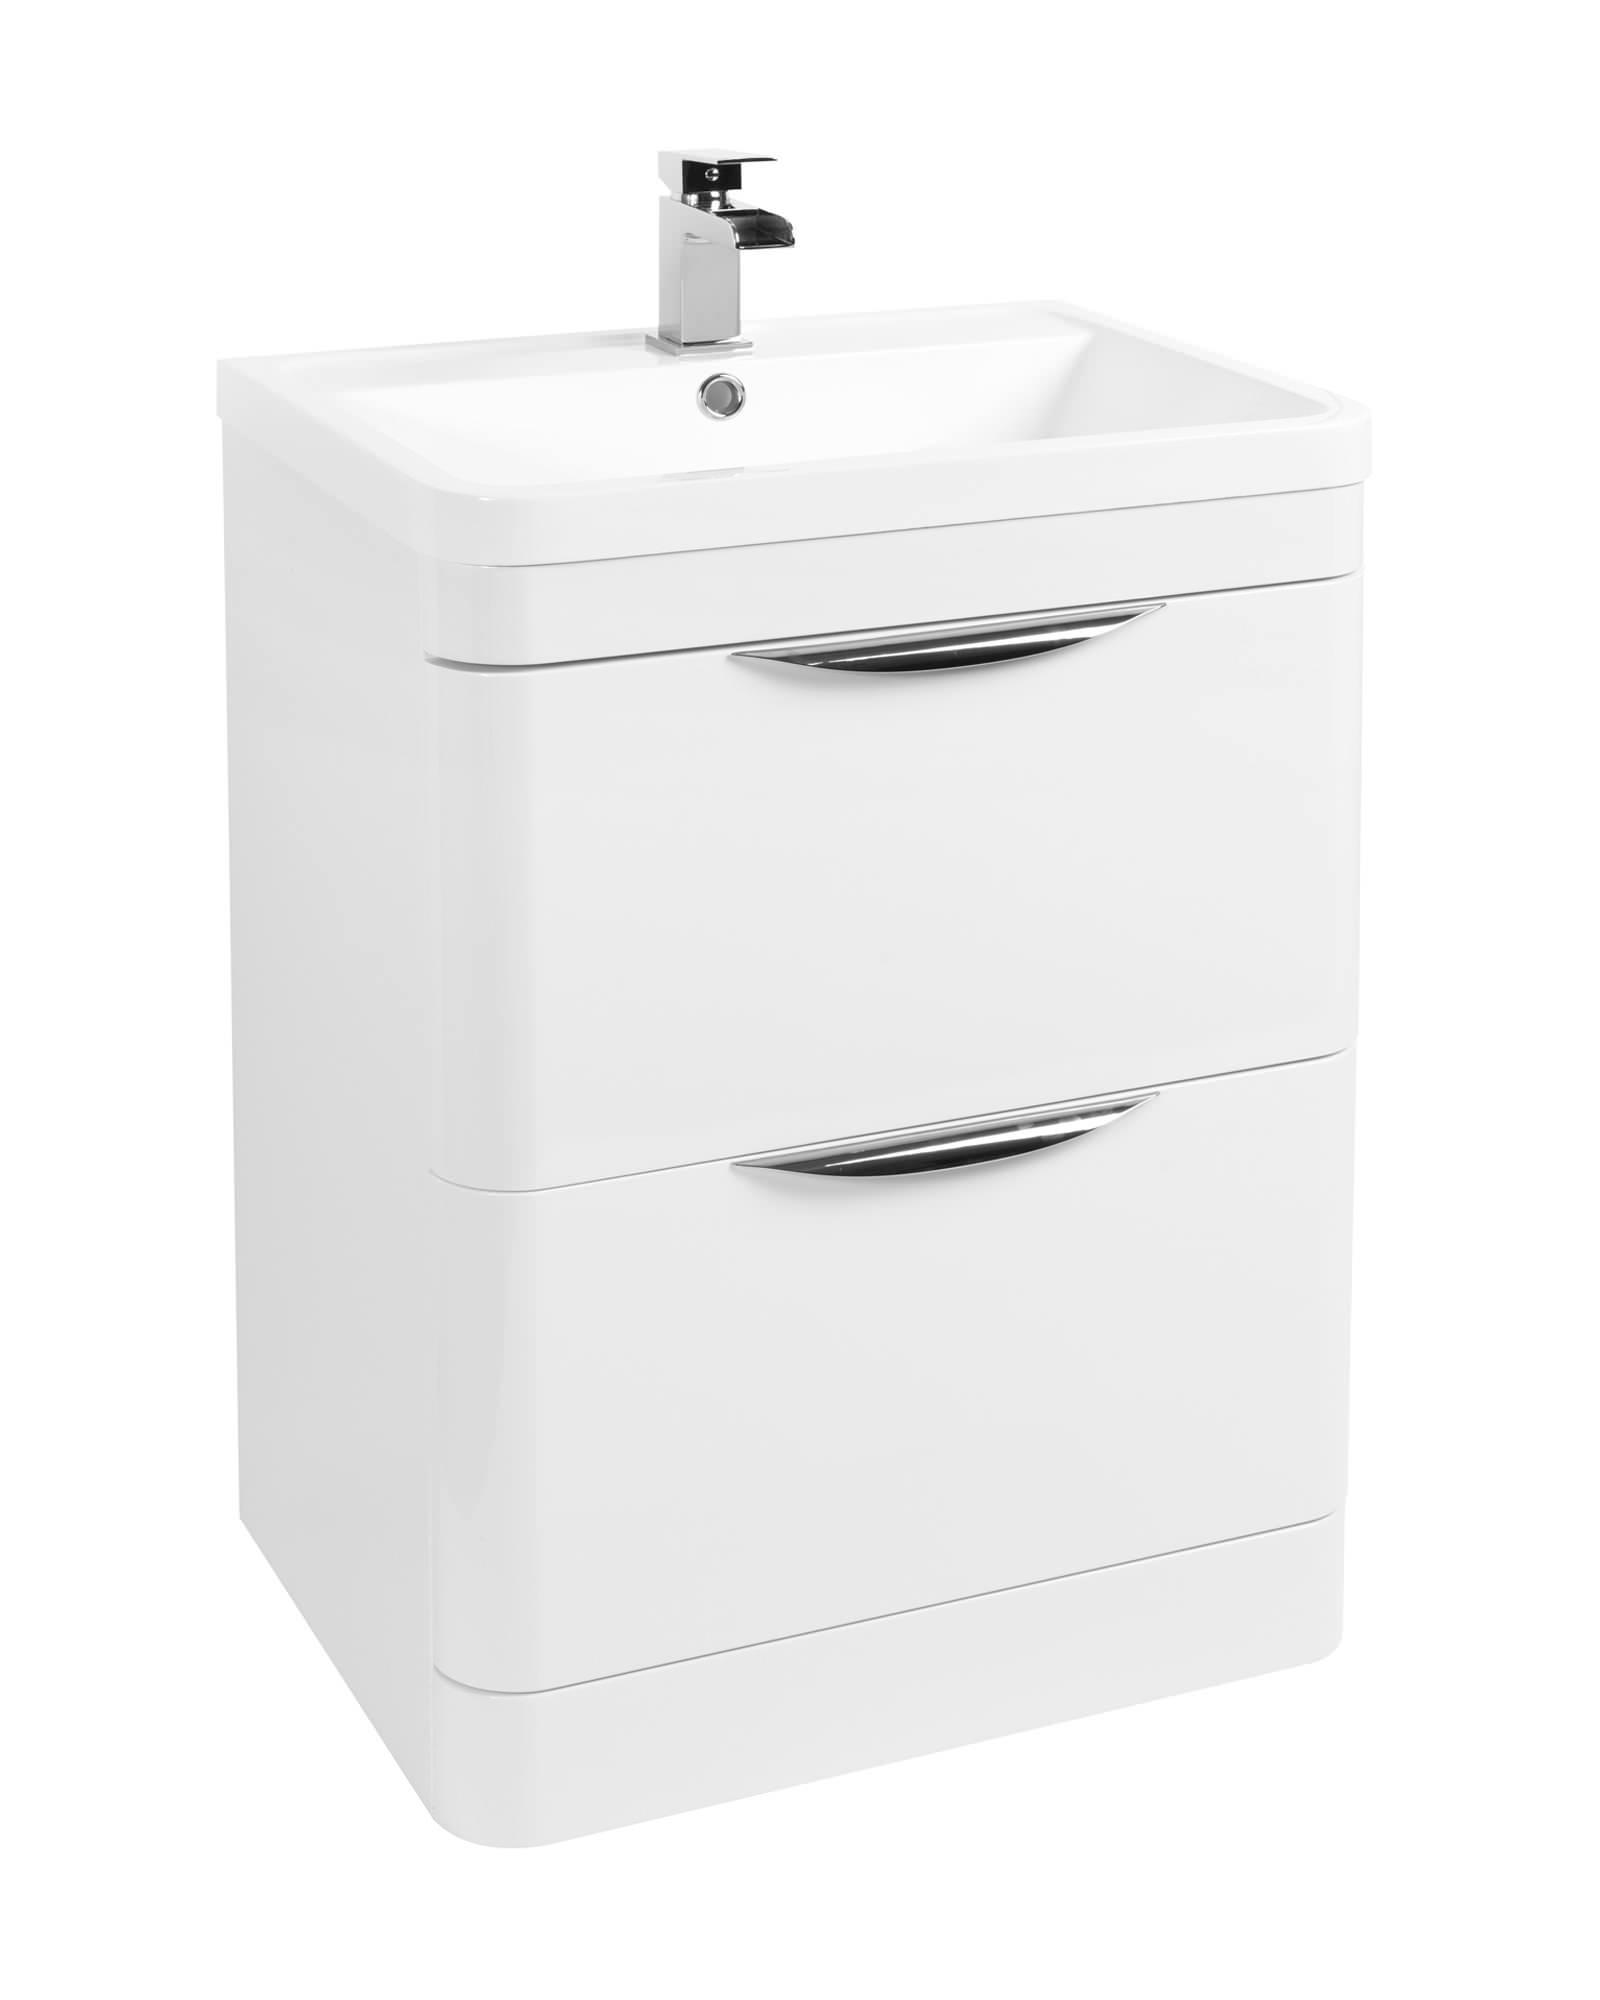 Bathroom Floor Standing Vanity Units : Beo mm floor standing drawer vanity unit and basin white